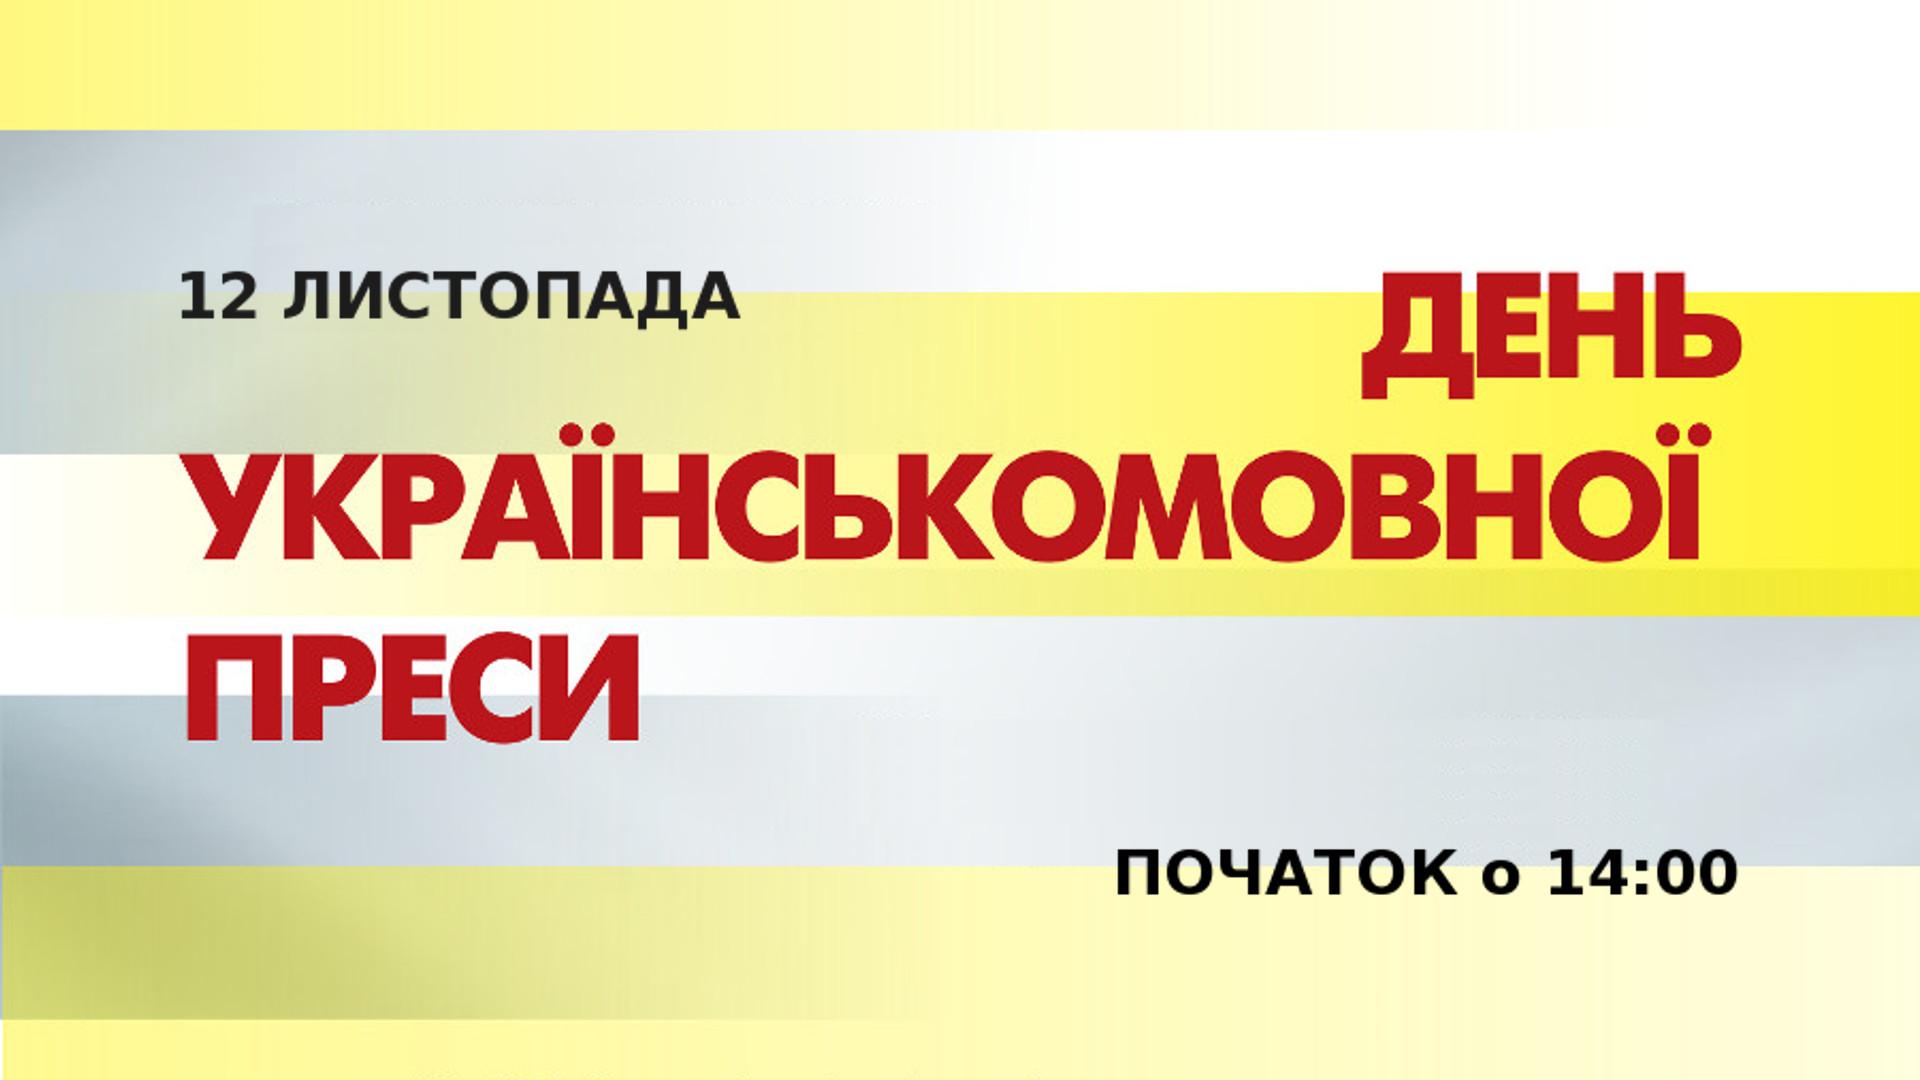 День українськомовної преси. Несвяткова дискусія у святковий день